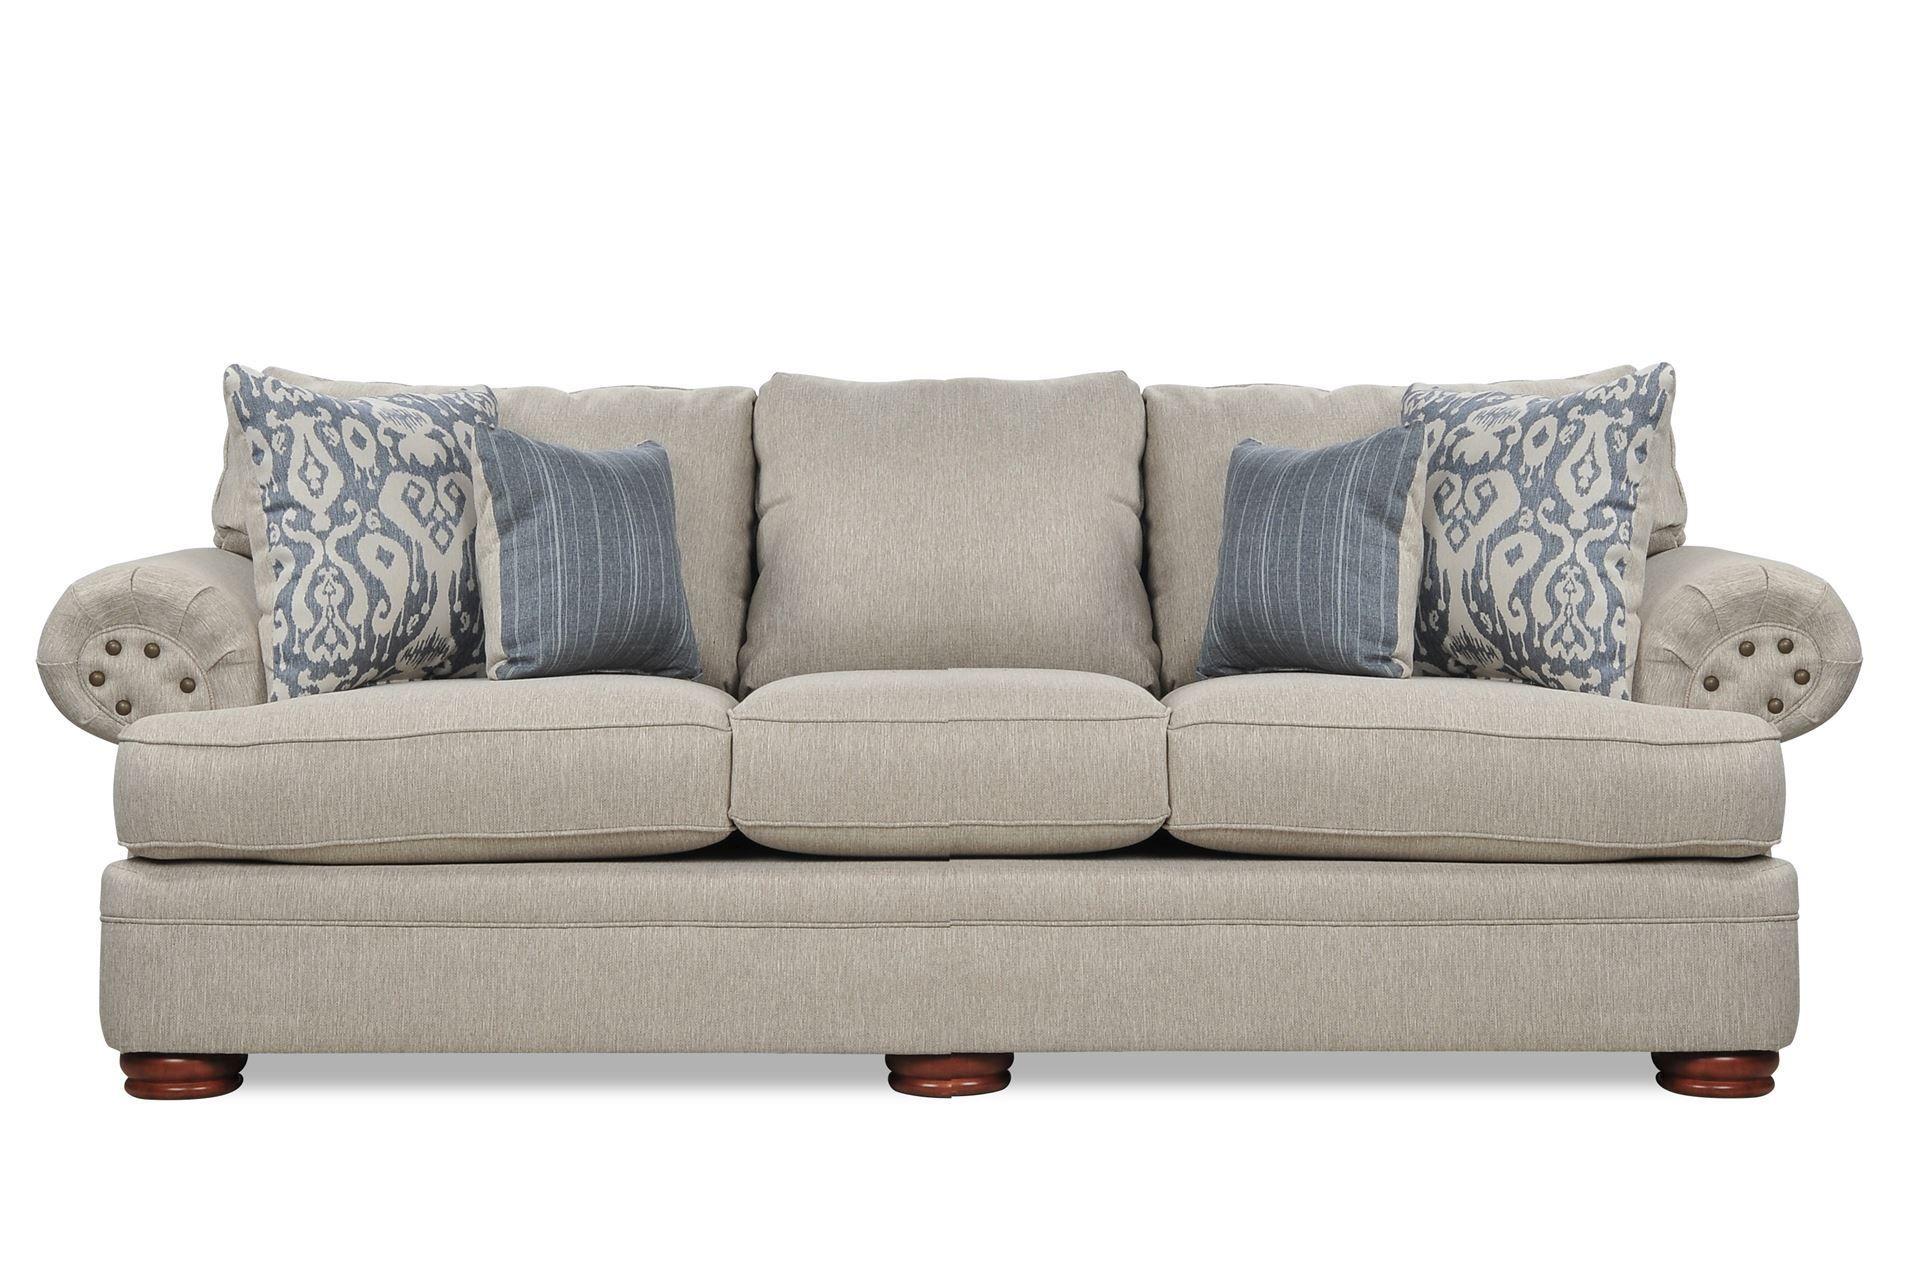 Bridgeport Sofa 550 Www Livingspaces Com Sofa Mattress